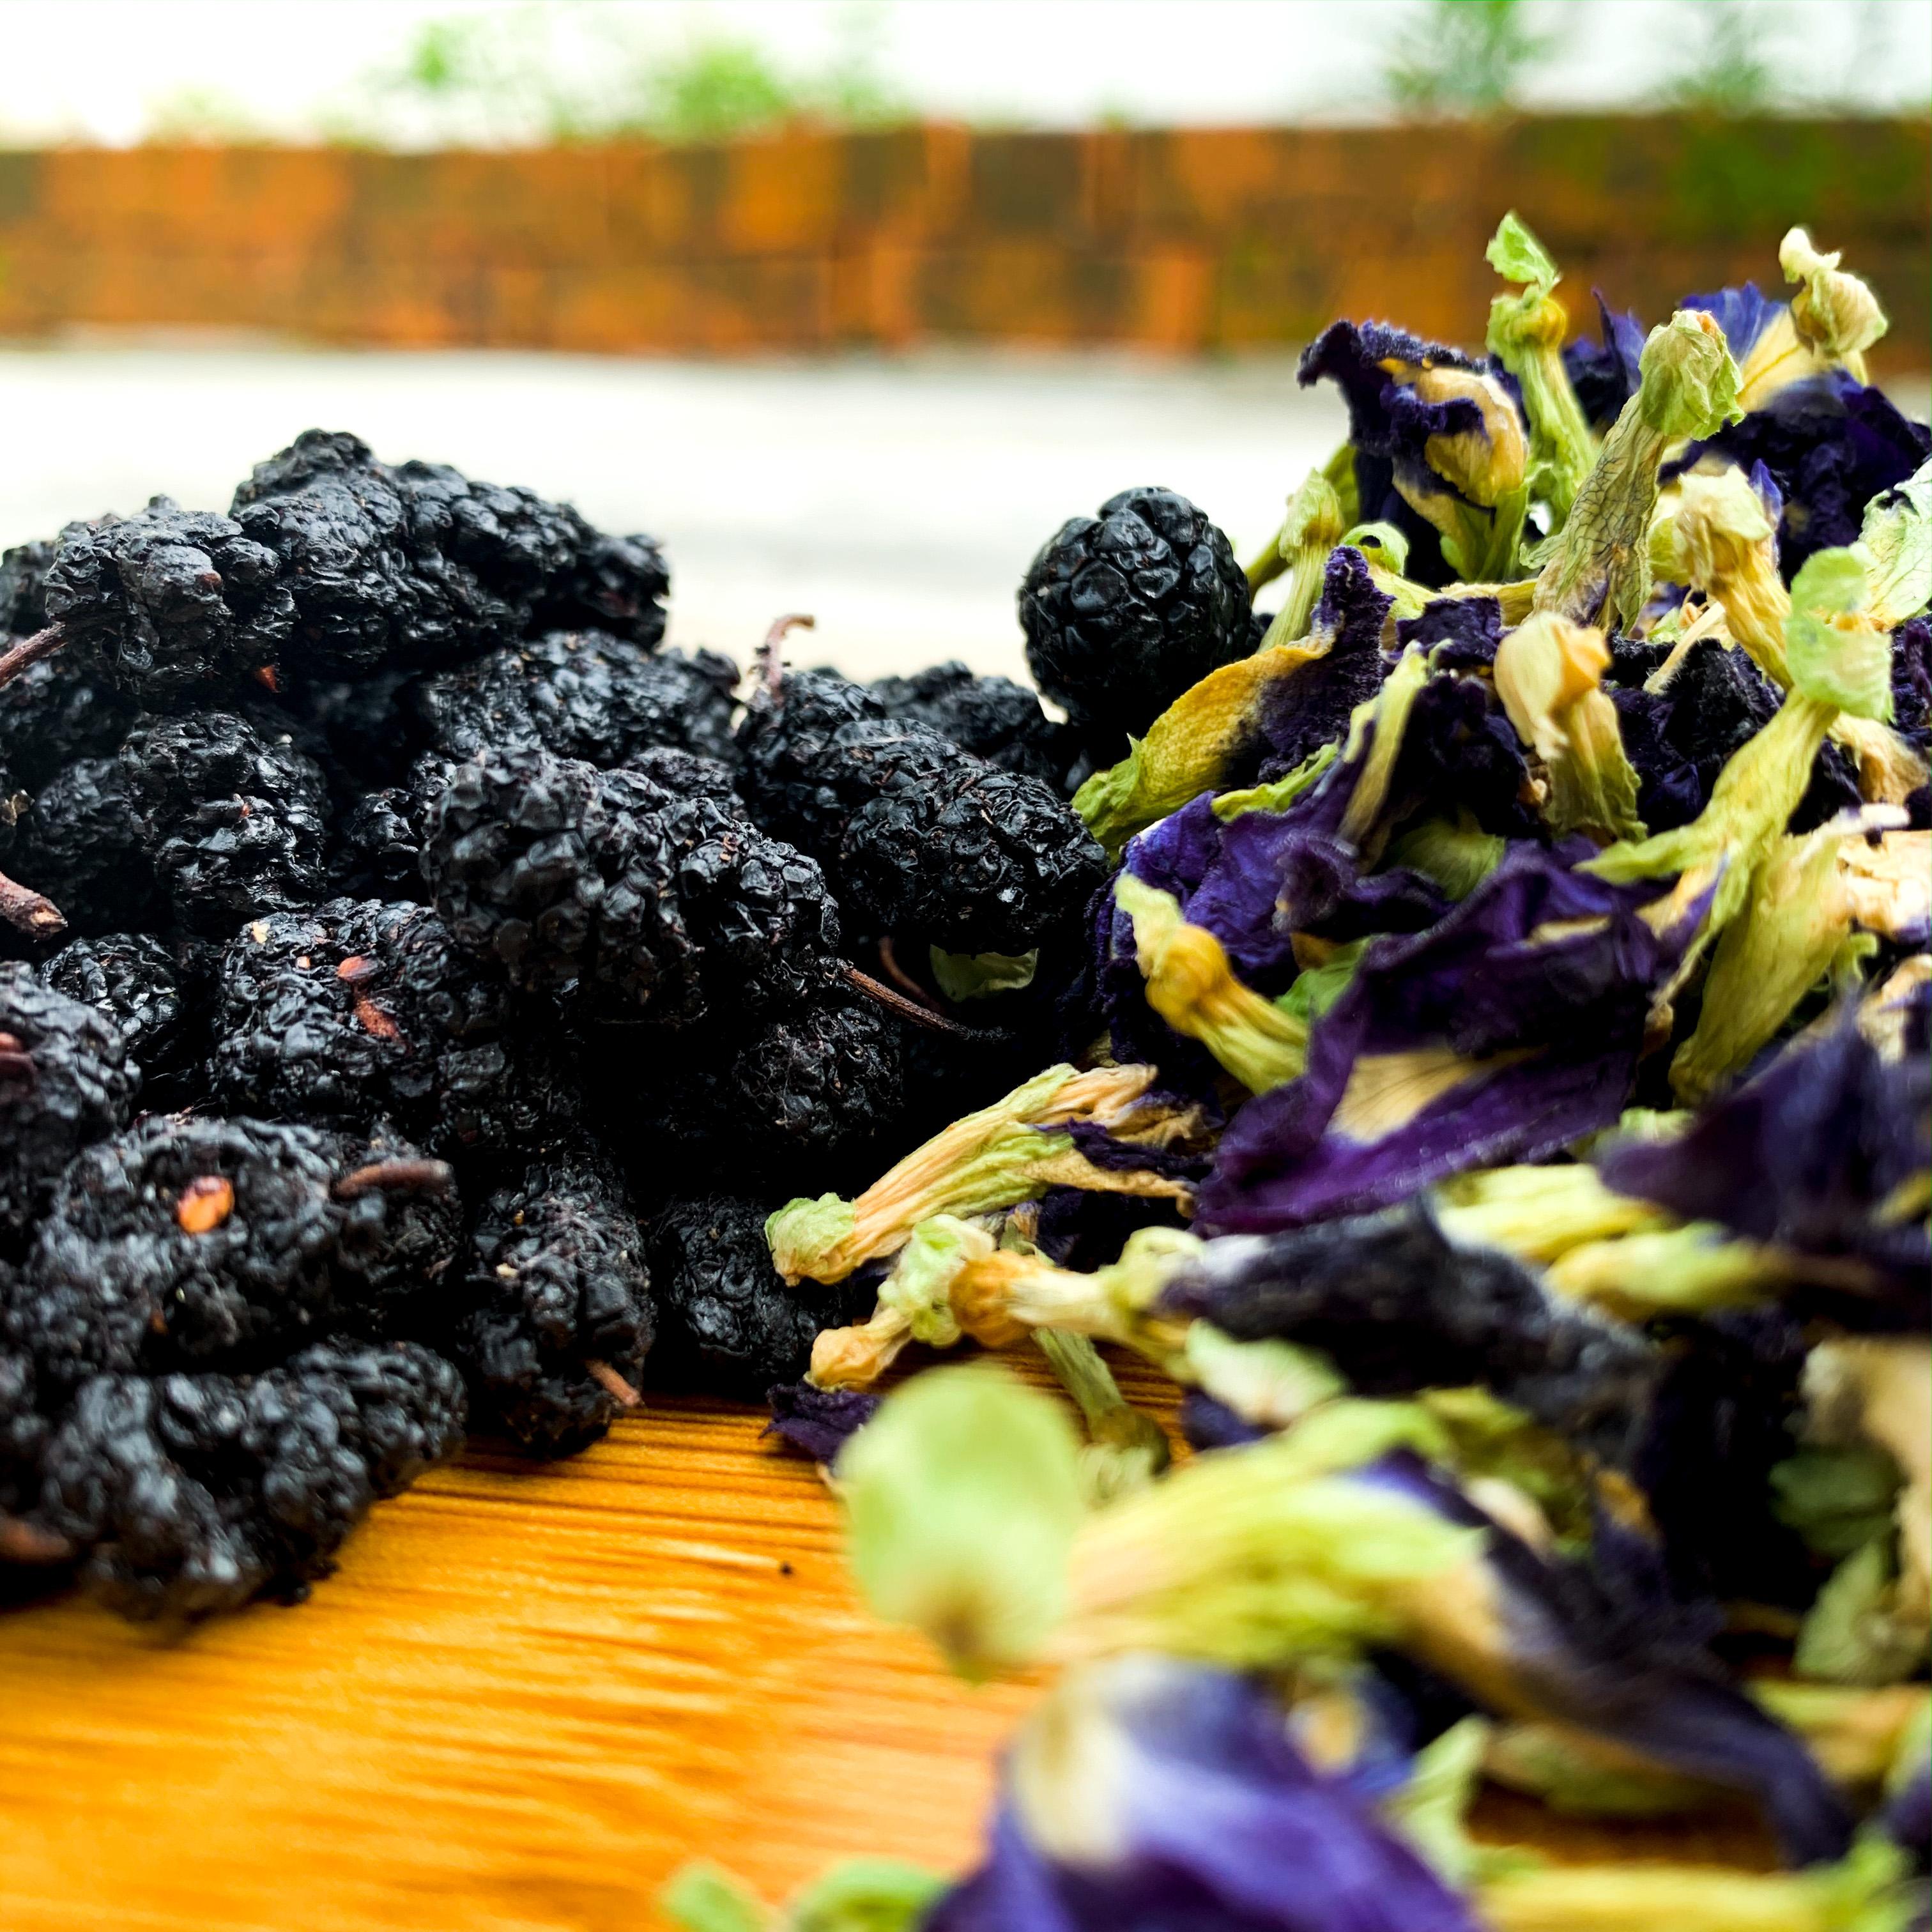 乾草藥 Dried Herbs